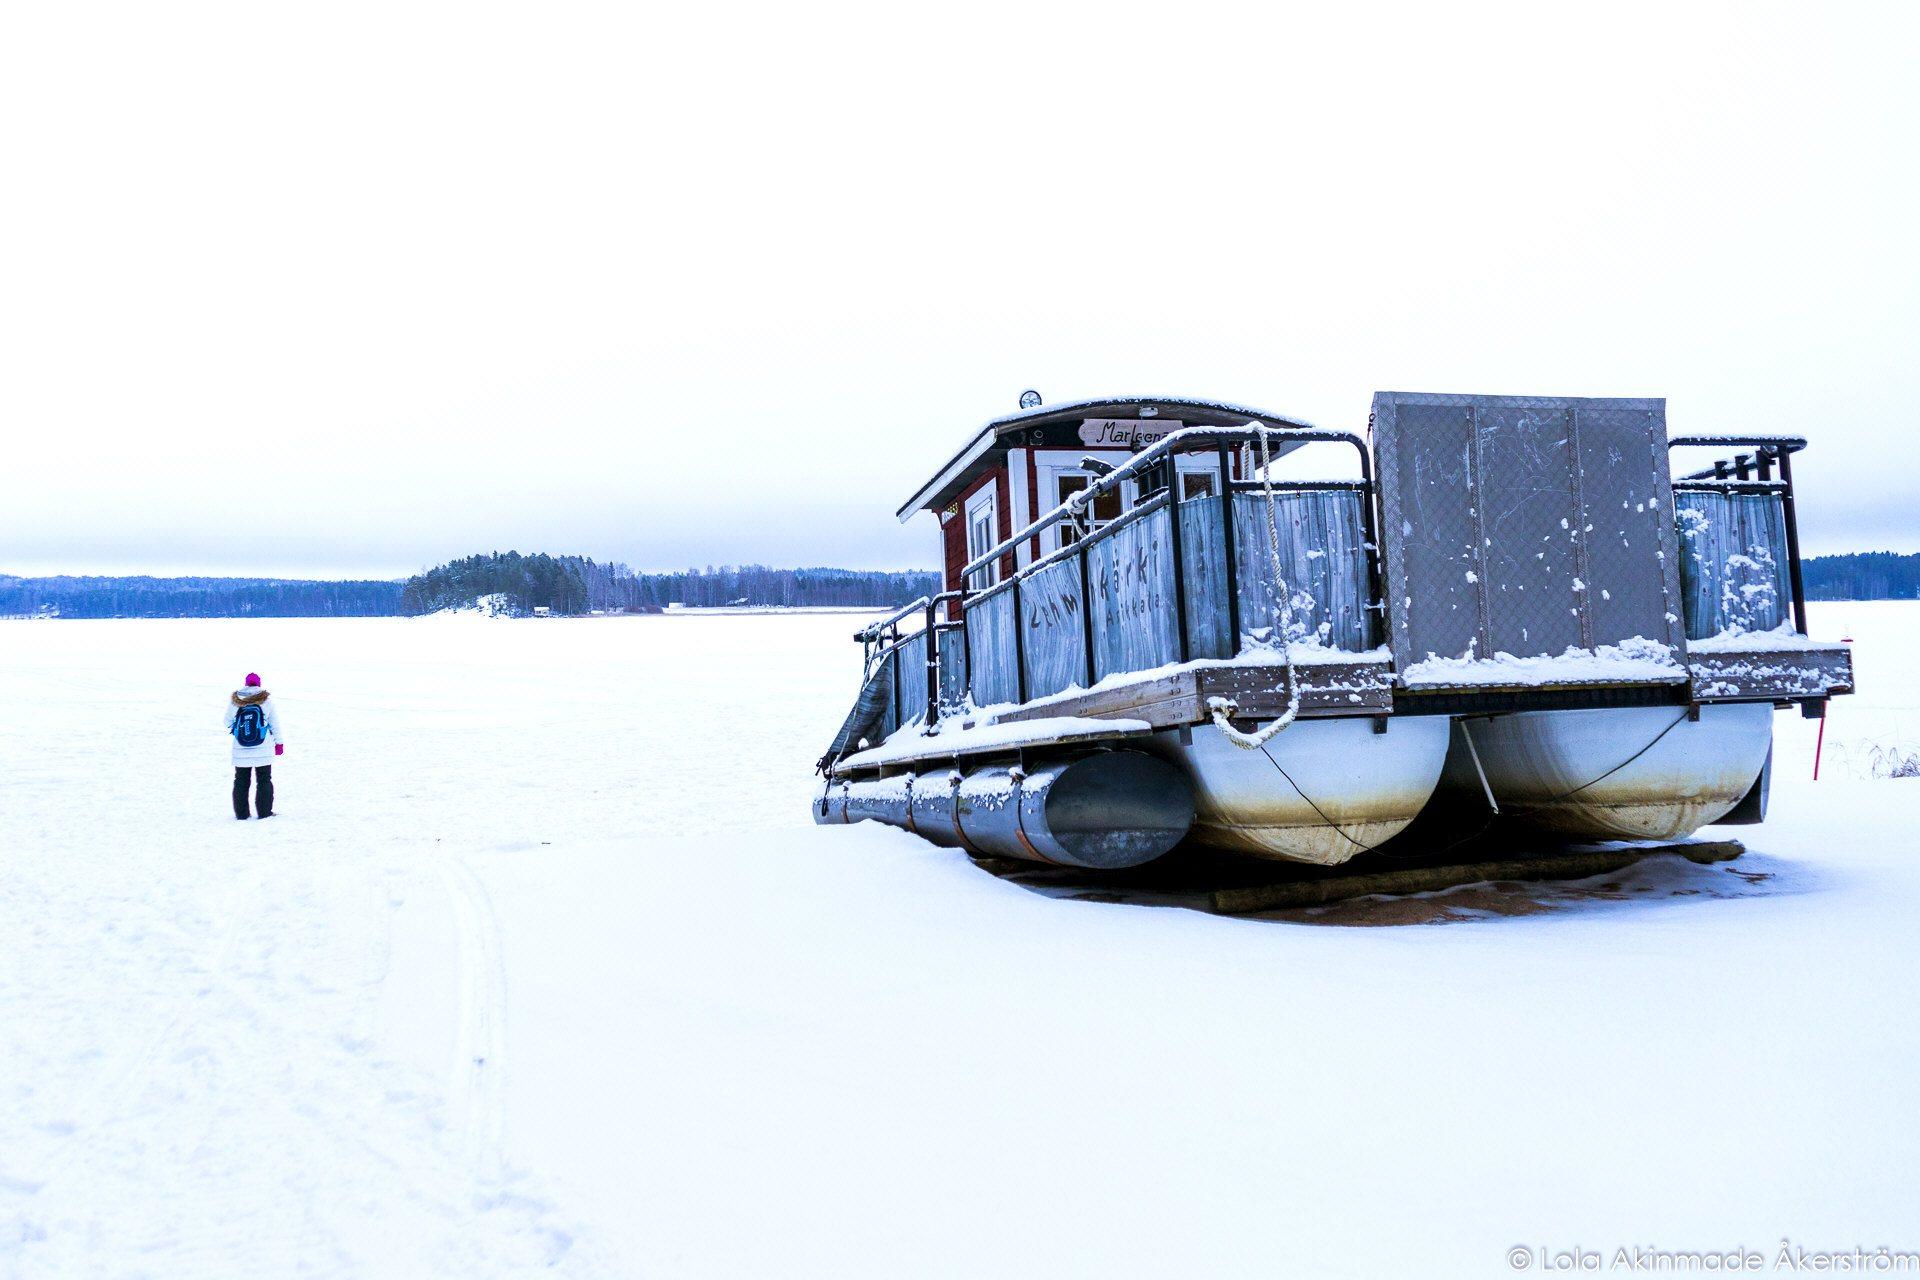 Lehmonkärki. Lahti, Finland